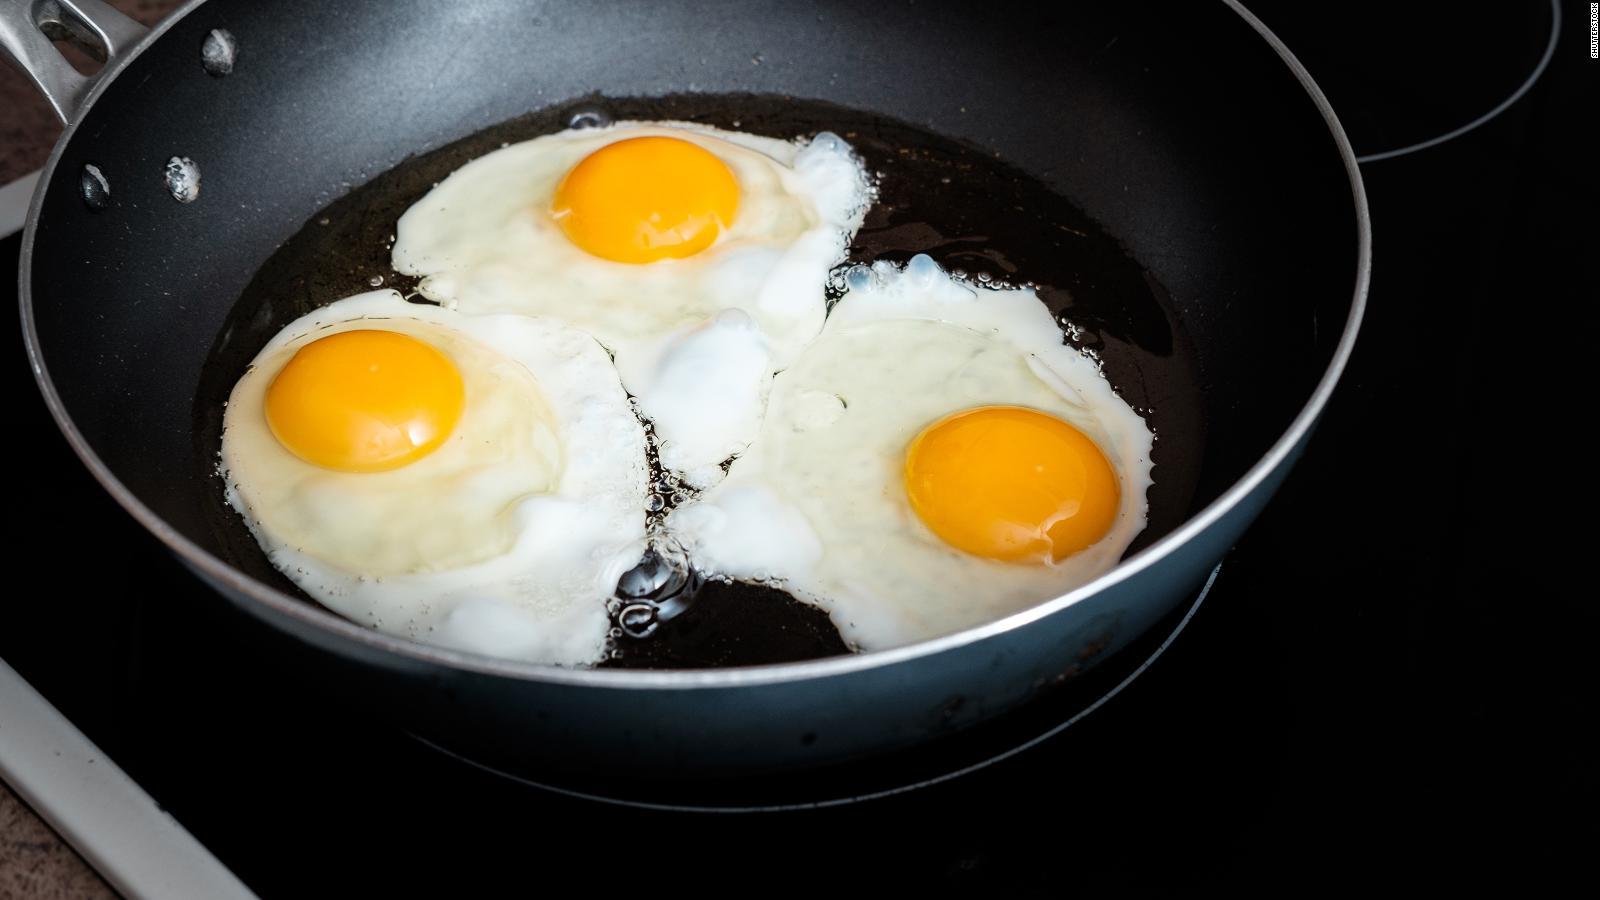 Los riesgos del alto consumo de huevo